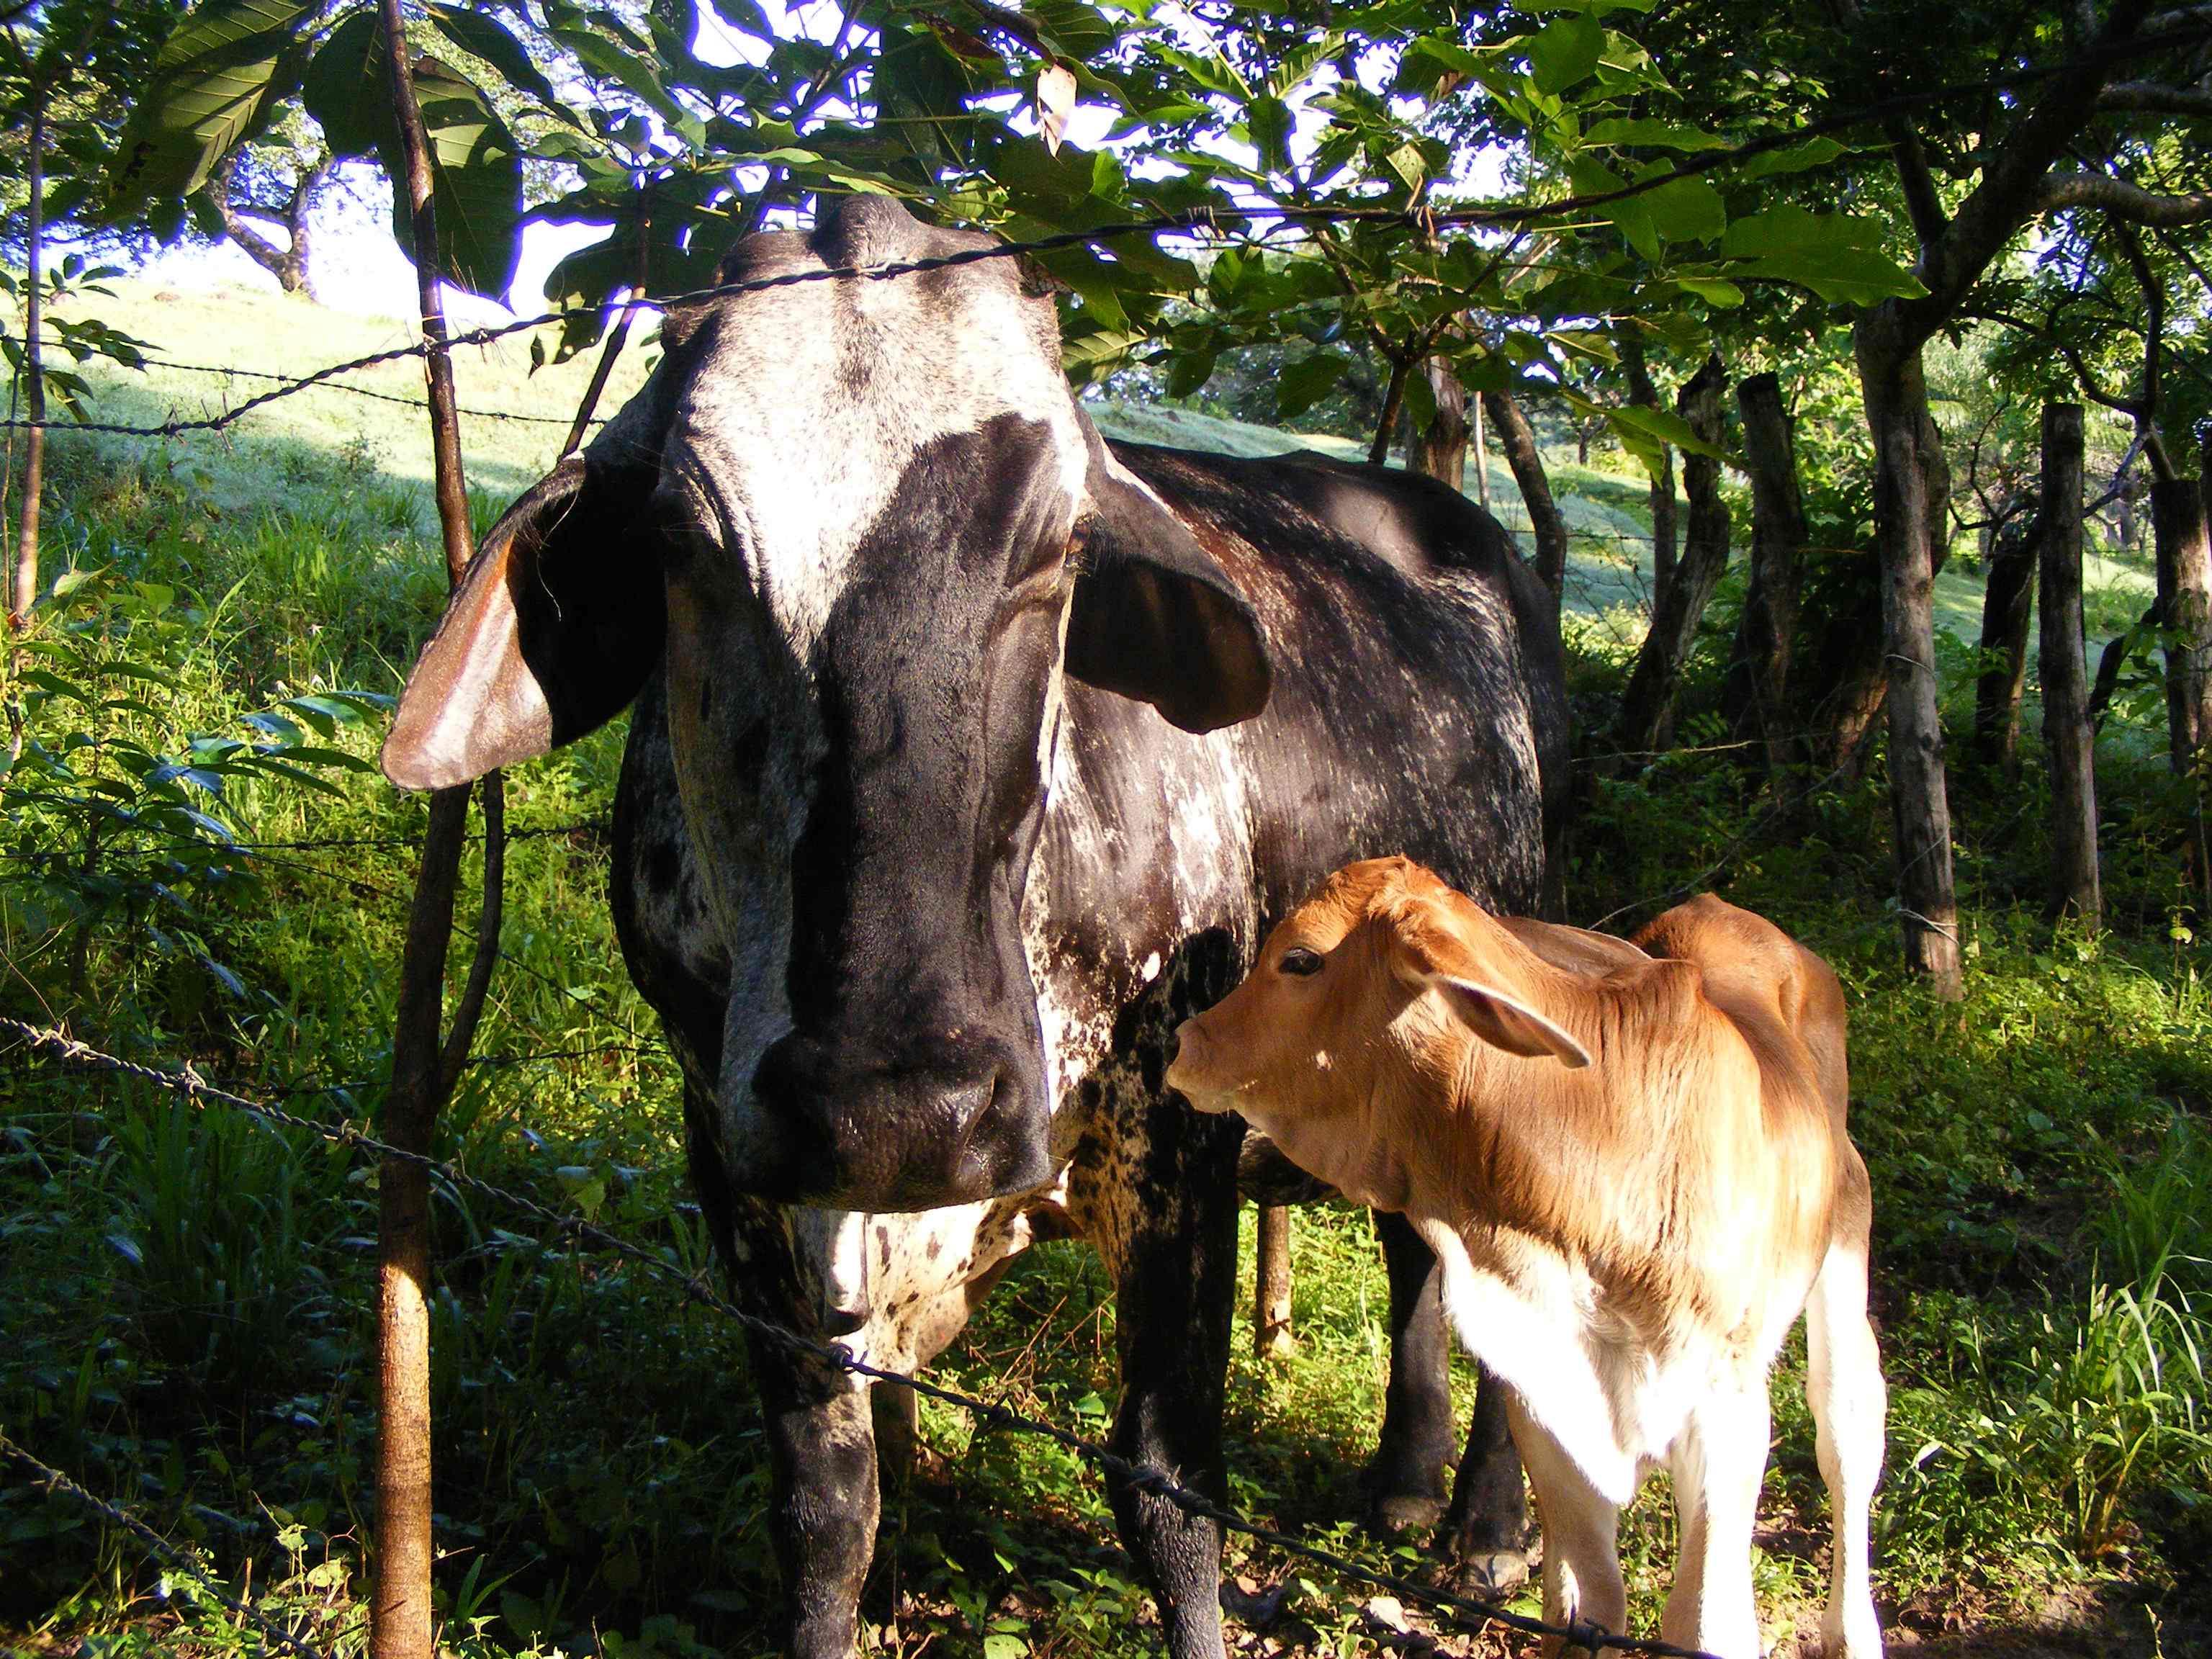 Cows - vacas